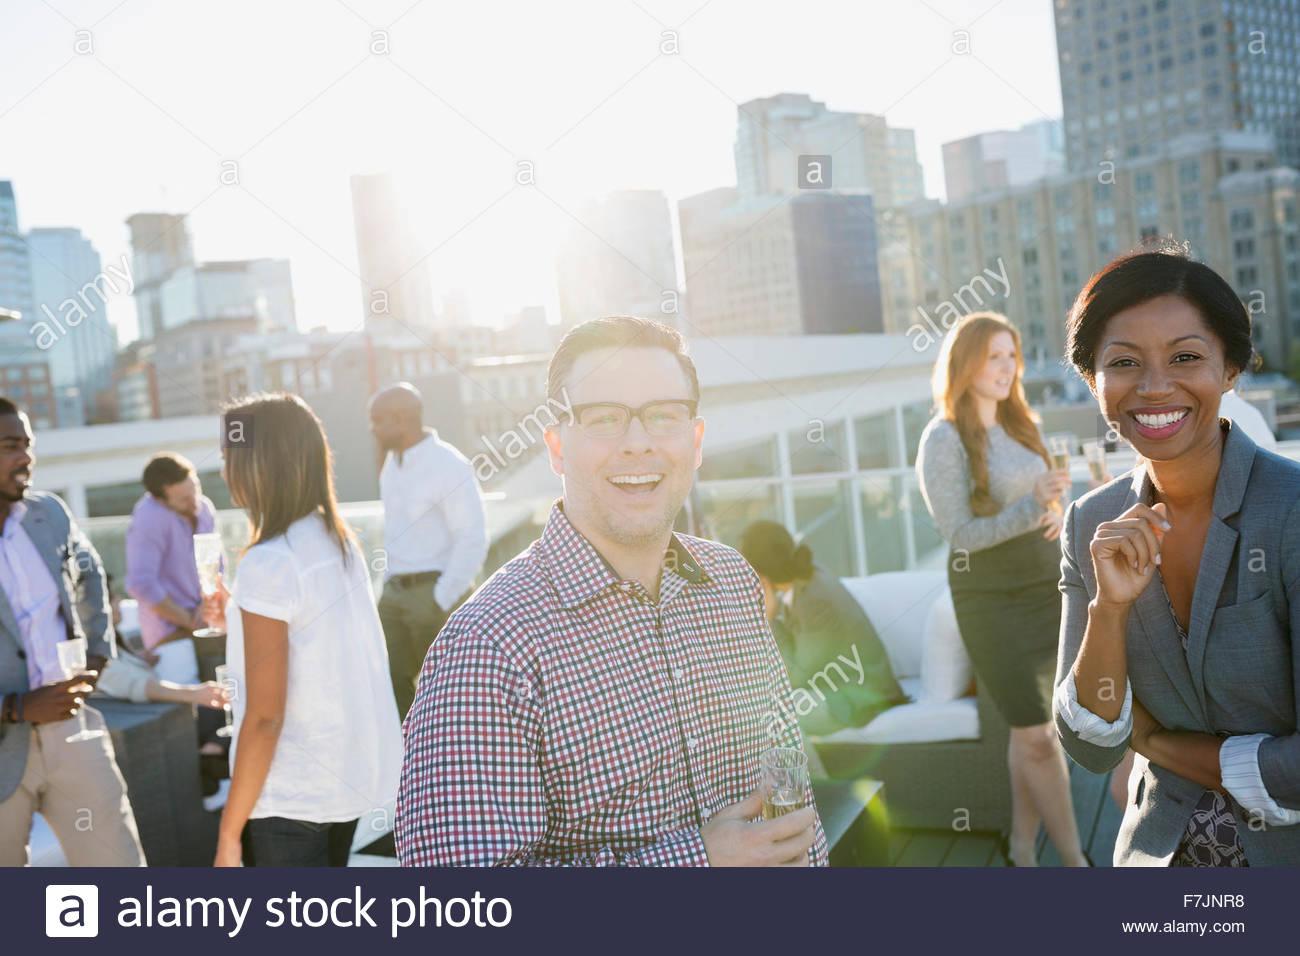 Retrato sonriendo gente de negocios en la soleada azotea urbana Imagen De Stock